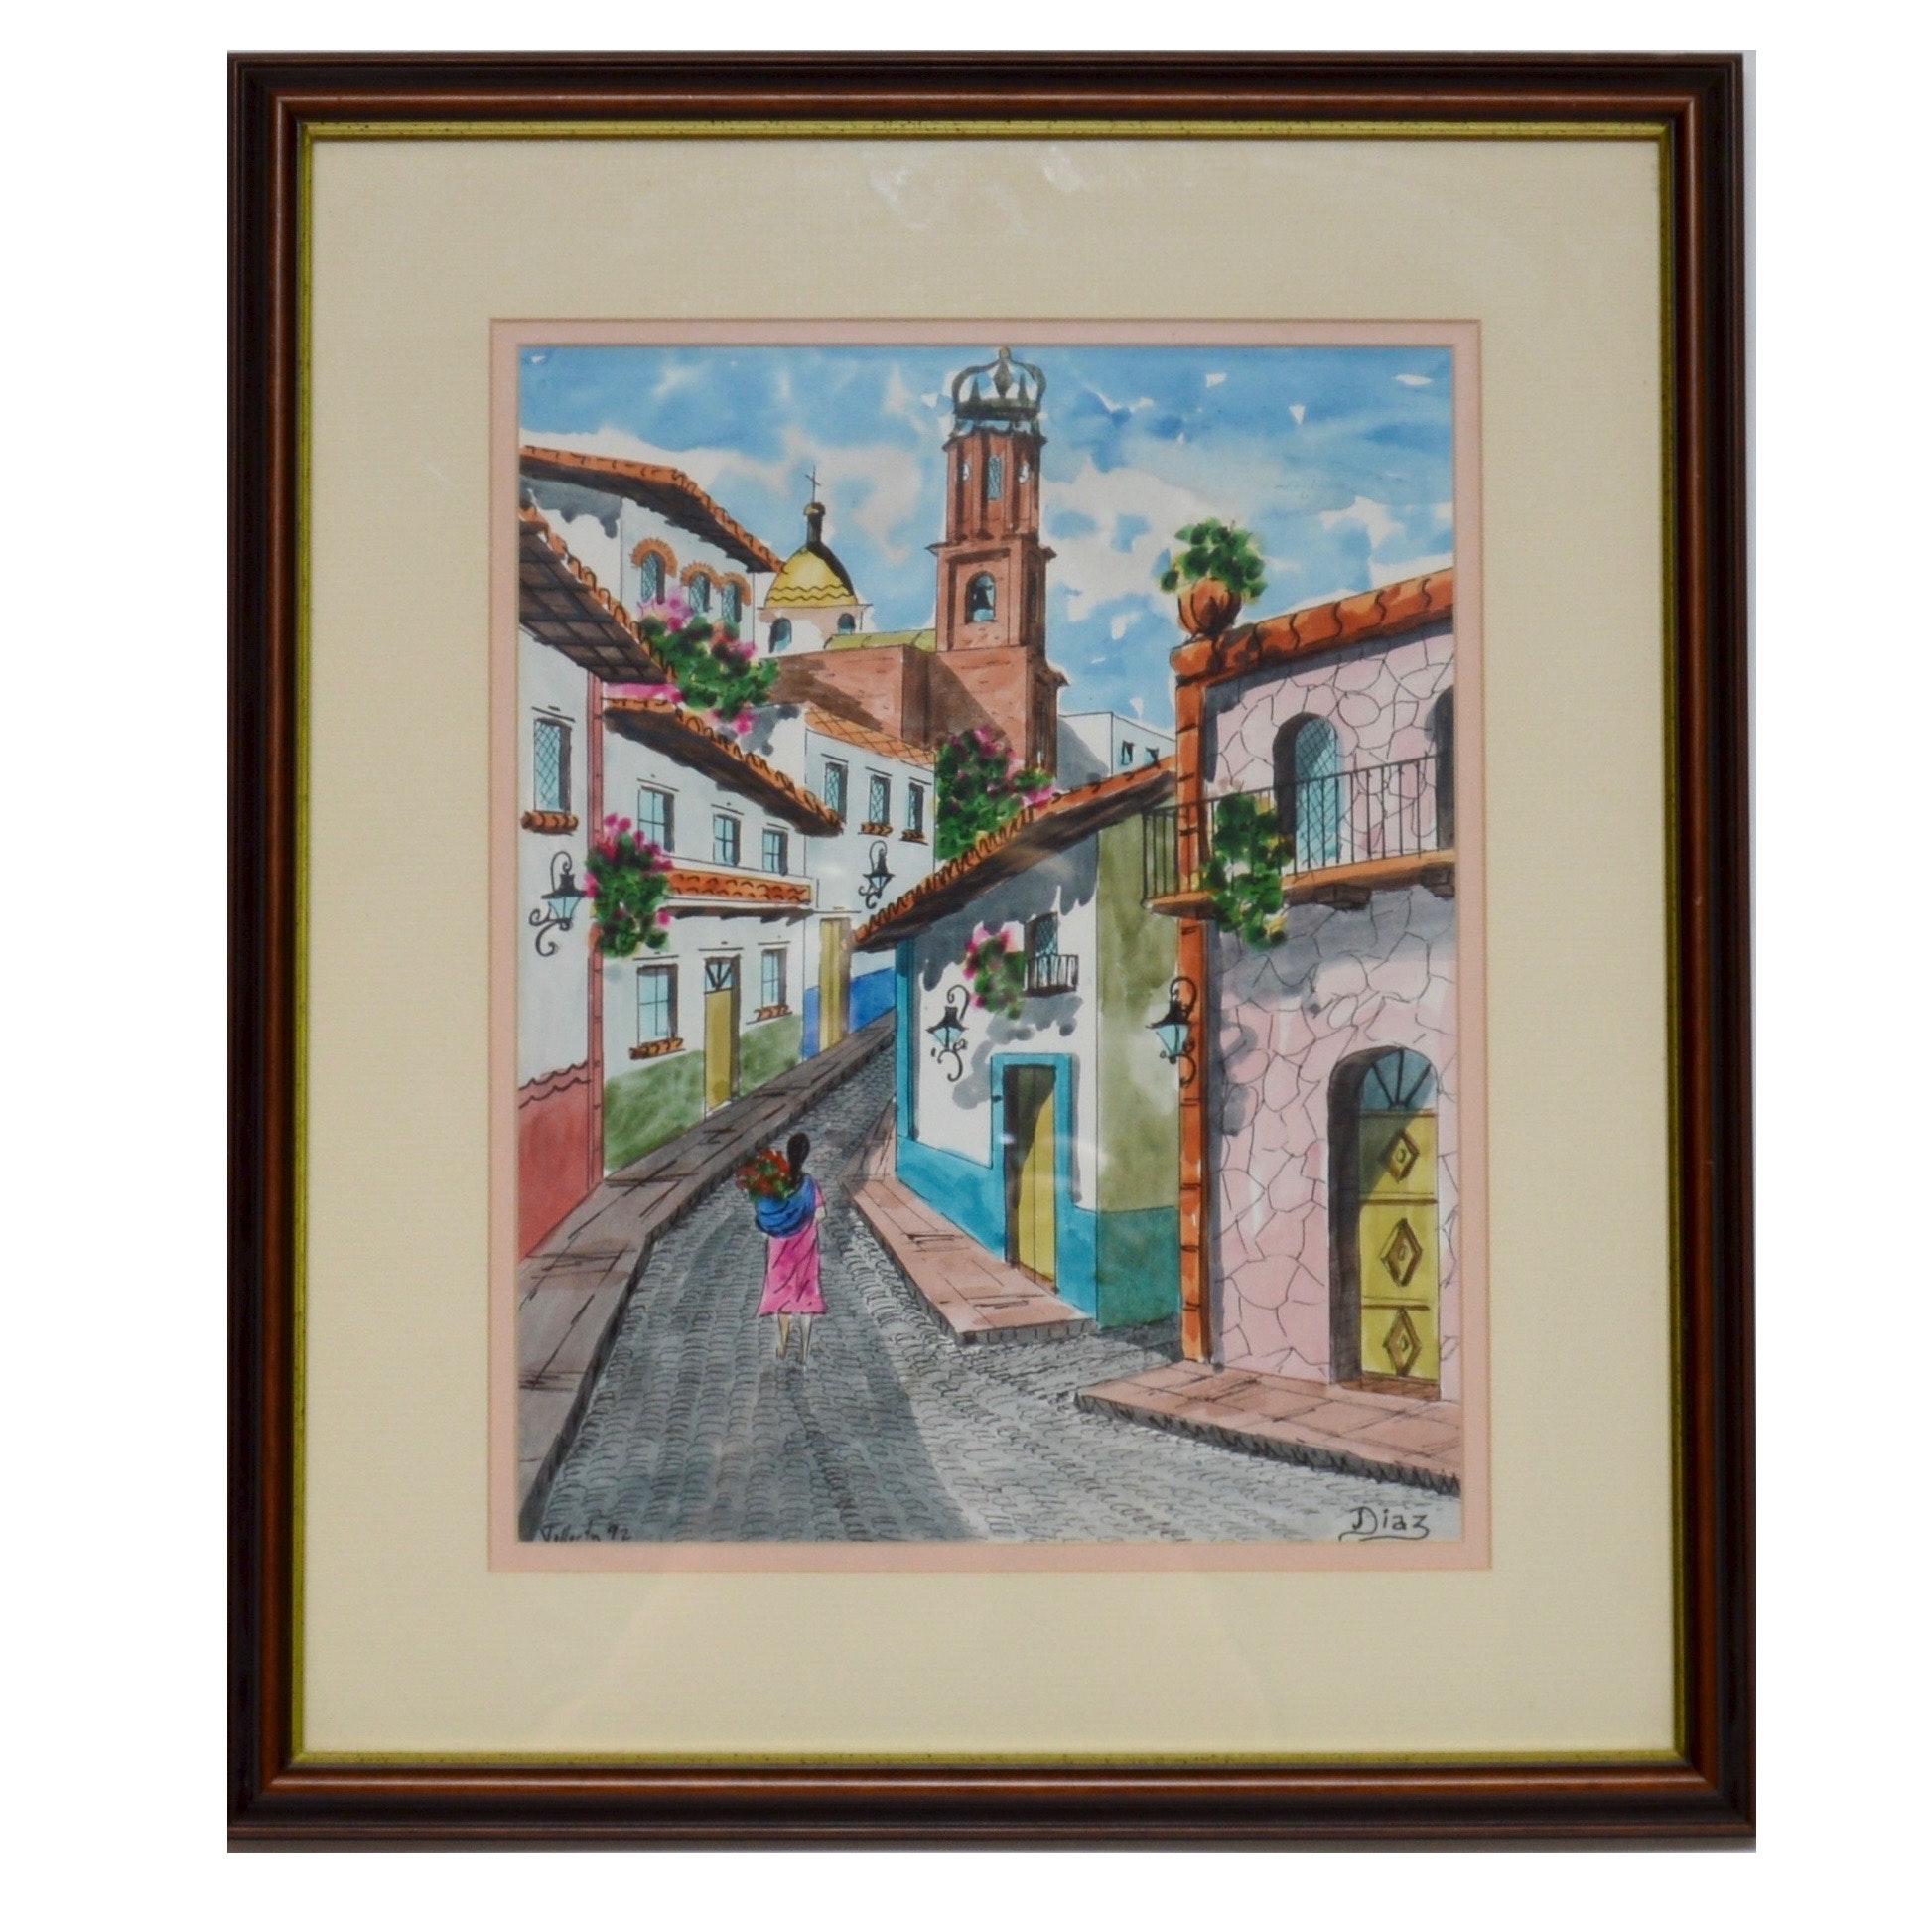 Diaz Original Watercolor